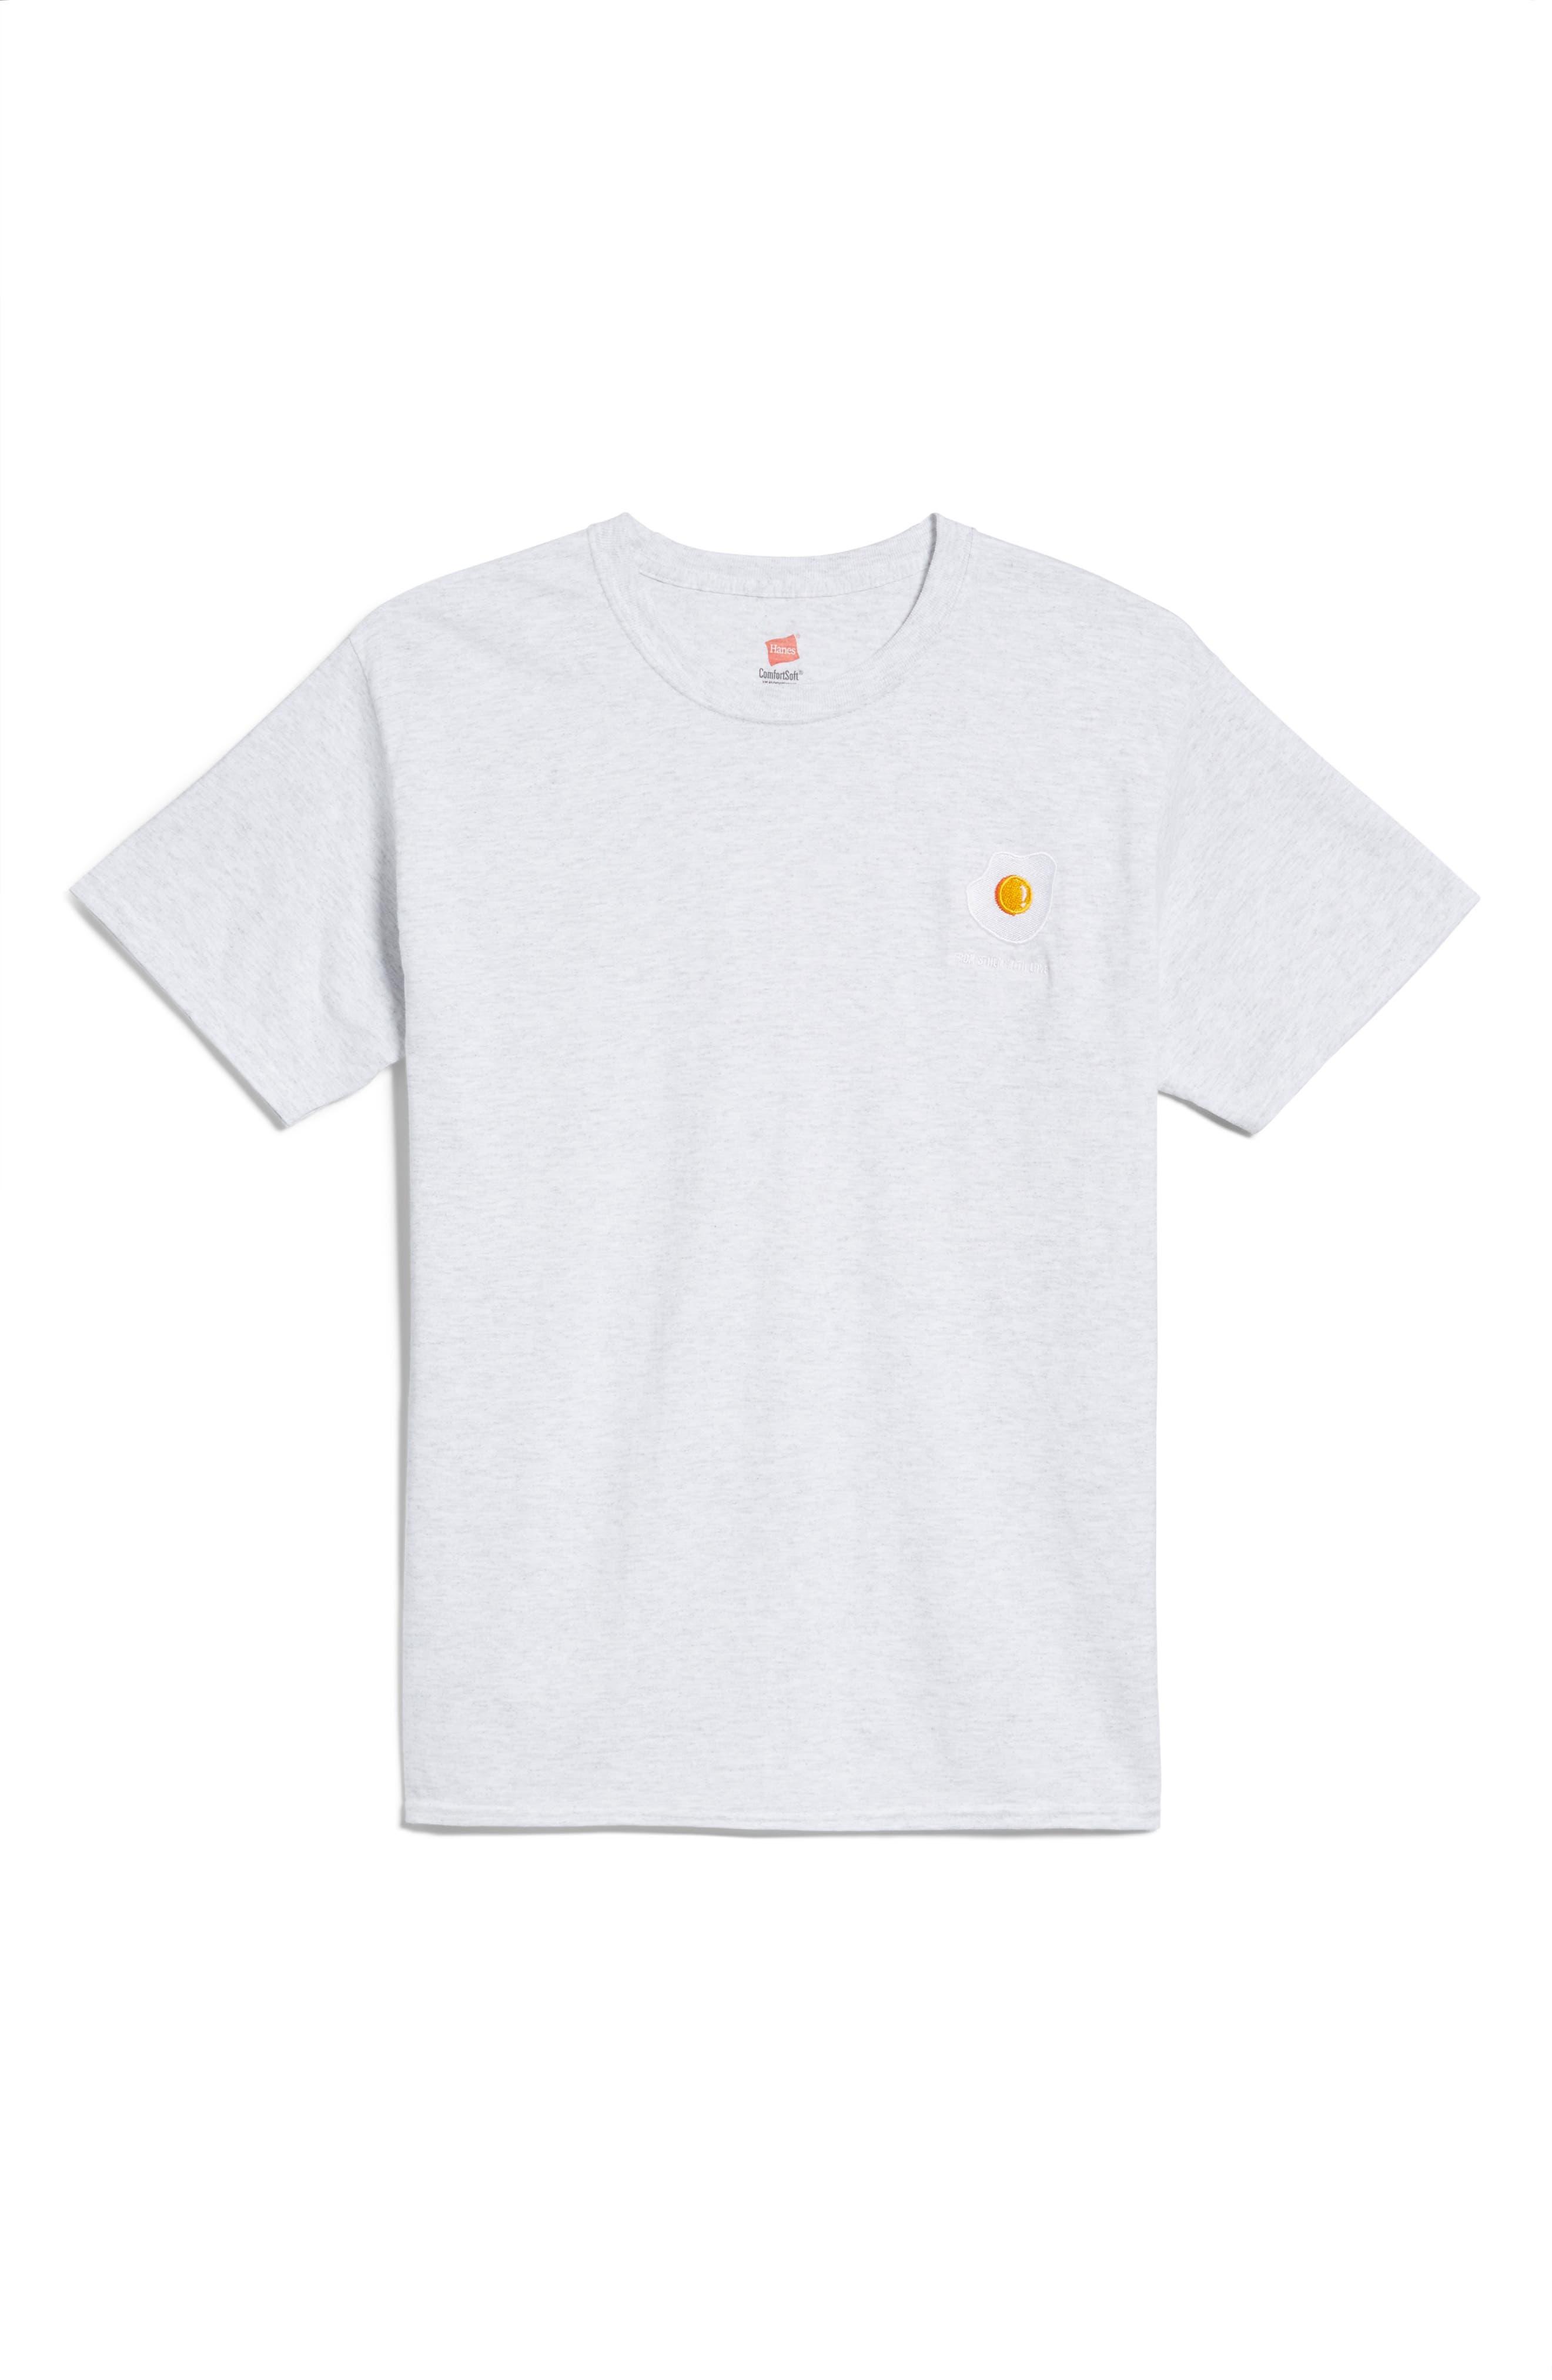 NIKBEN Egg T-Shirt,                             Main thumbnail 1, color,                             020